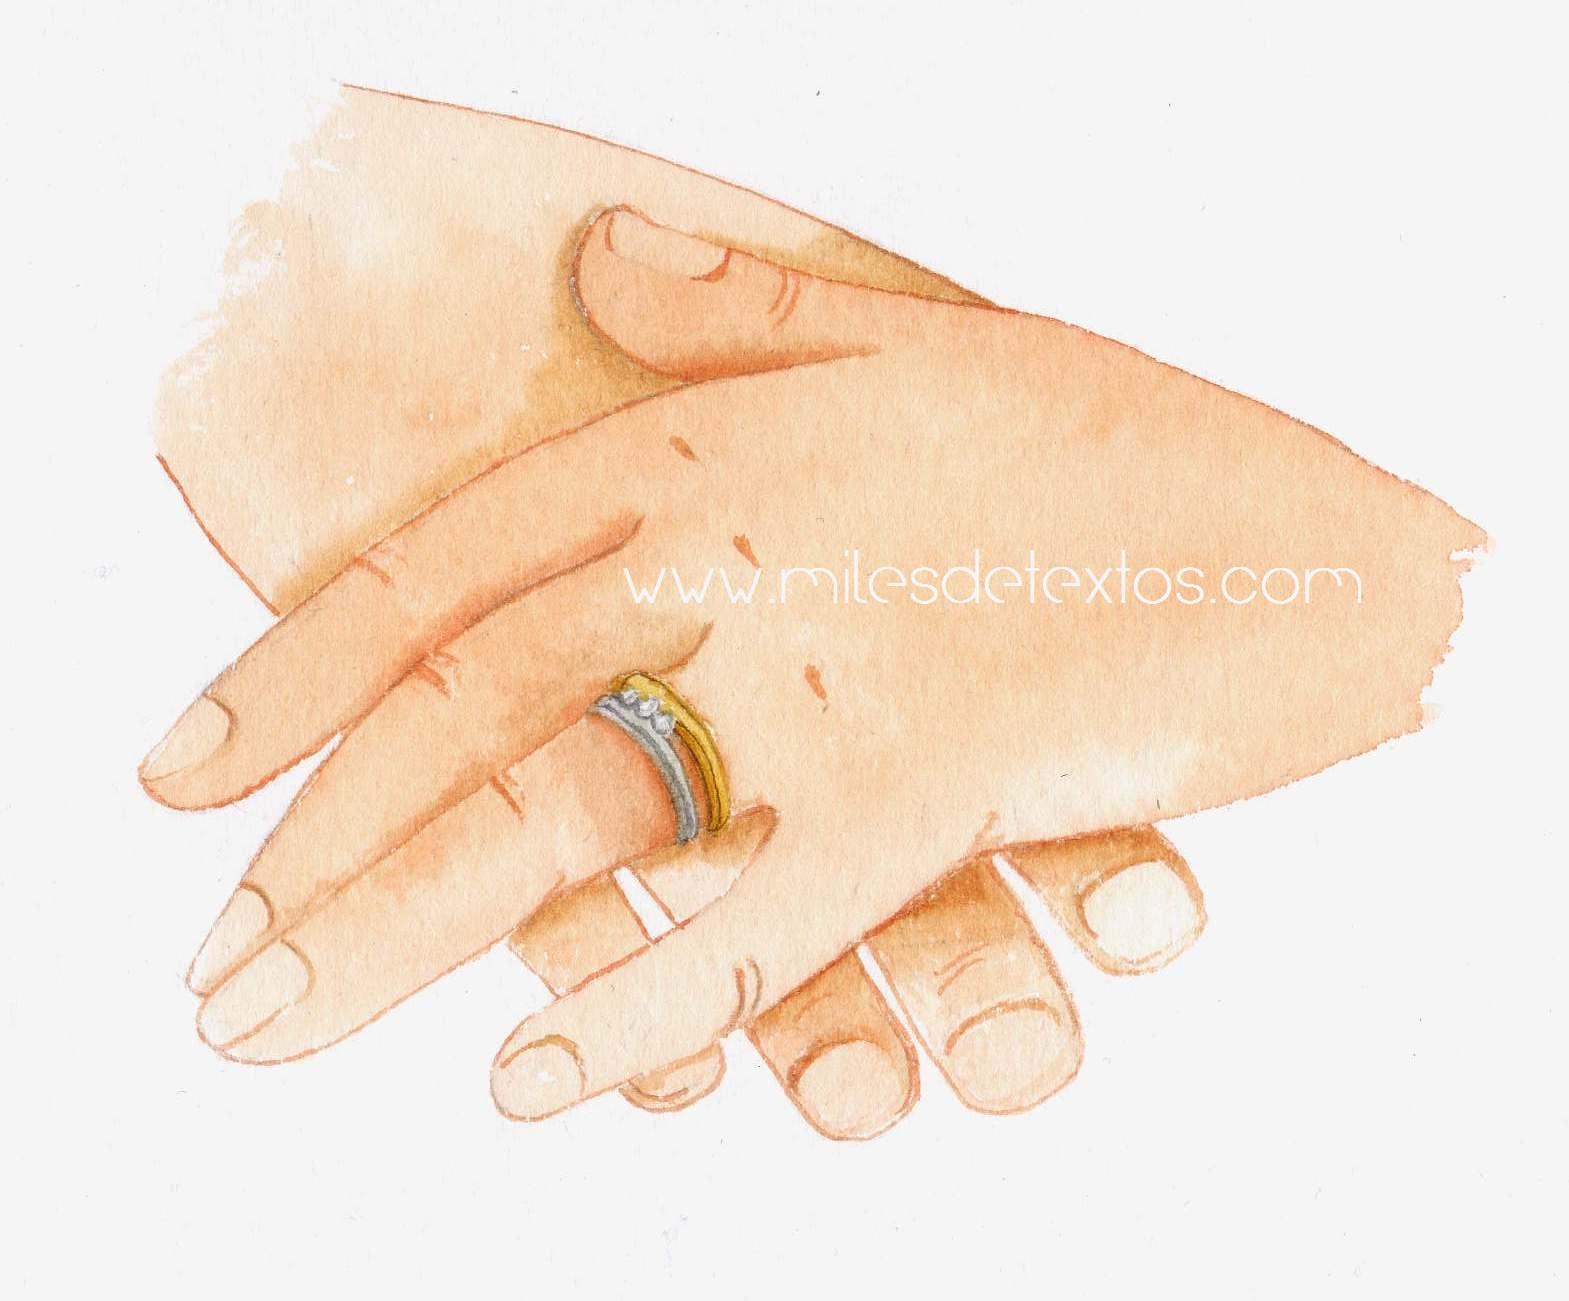 manos - milesdetextos.com